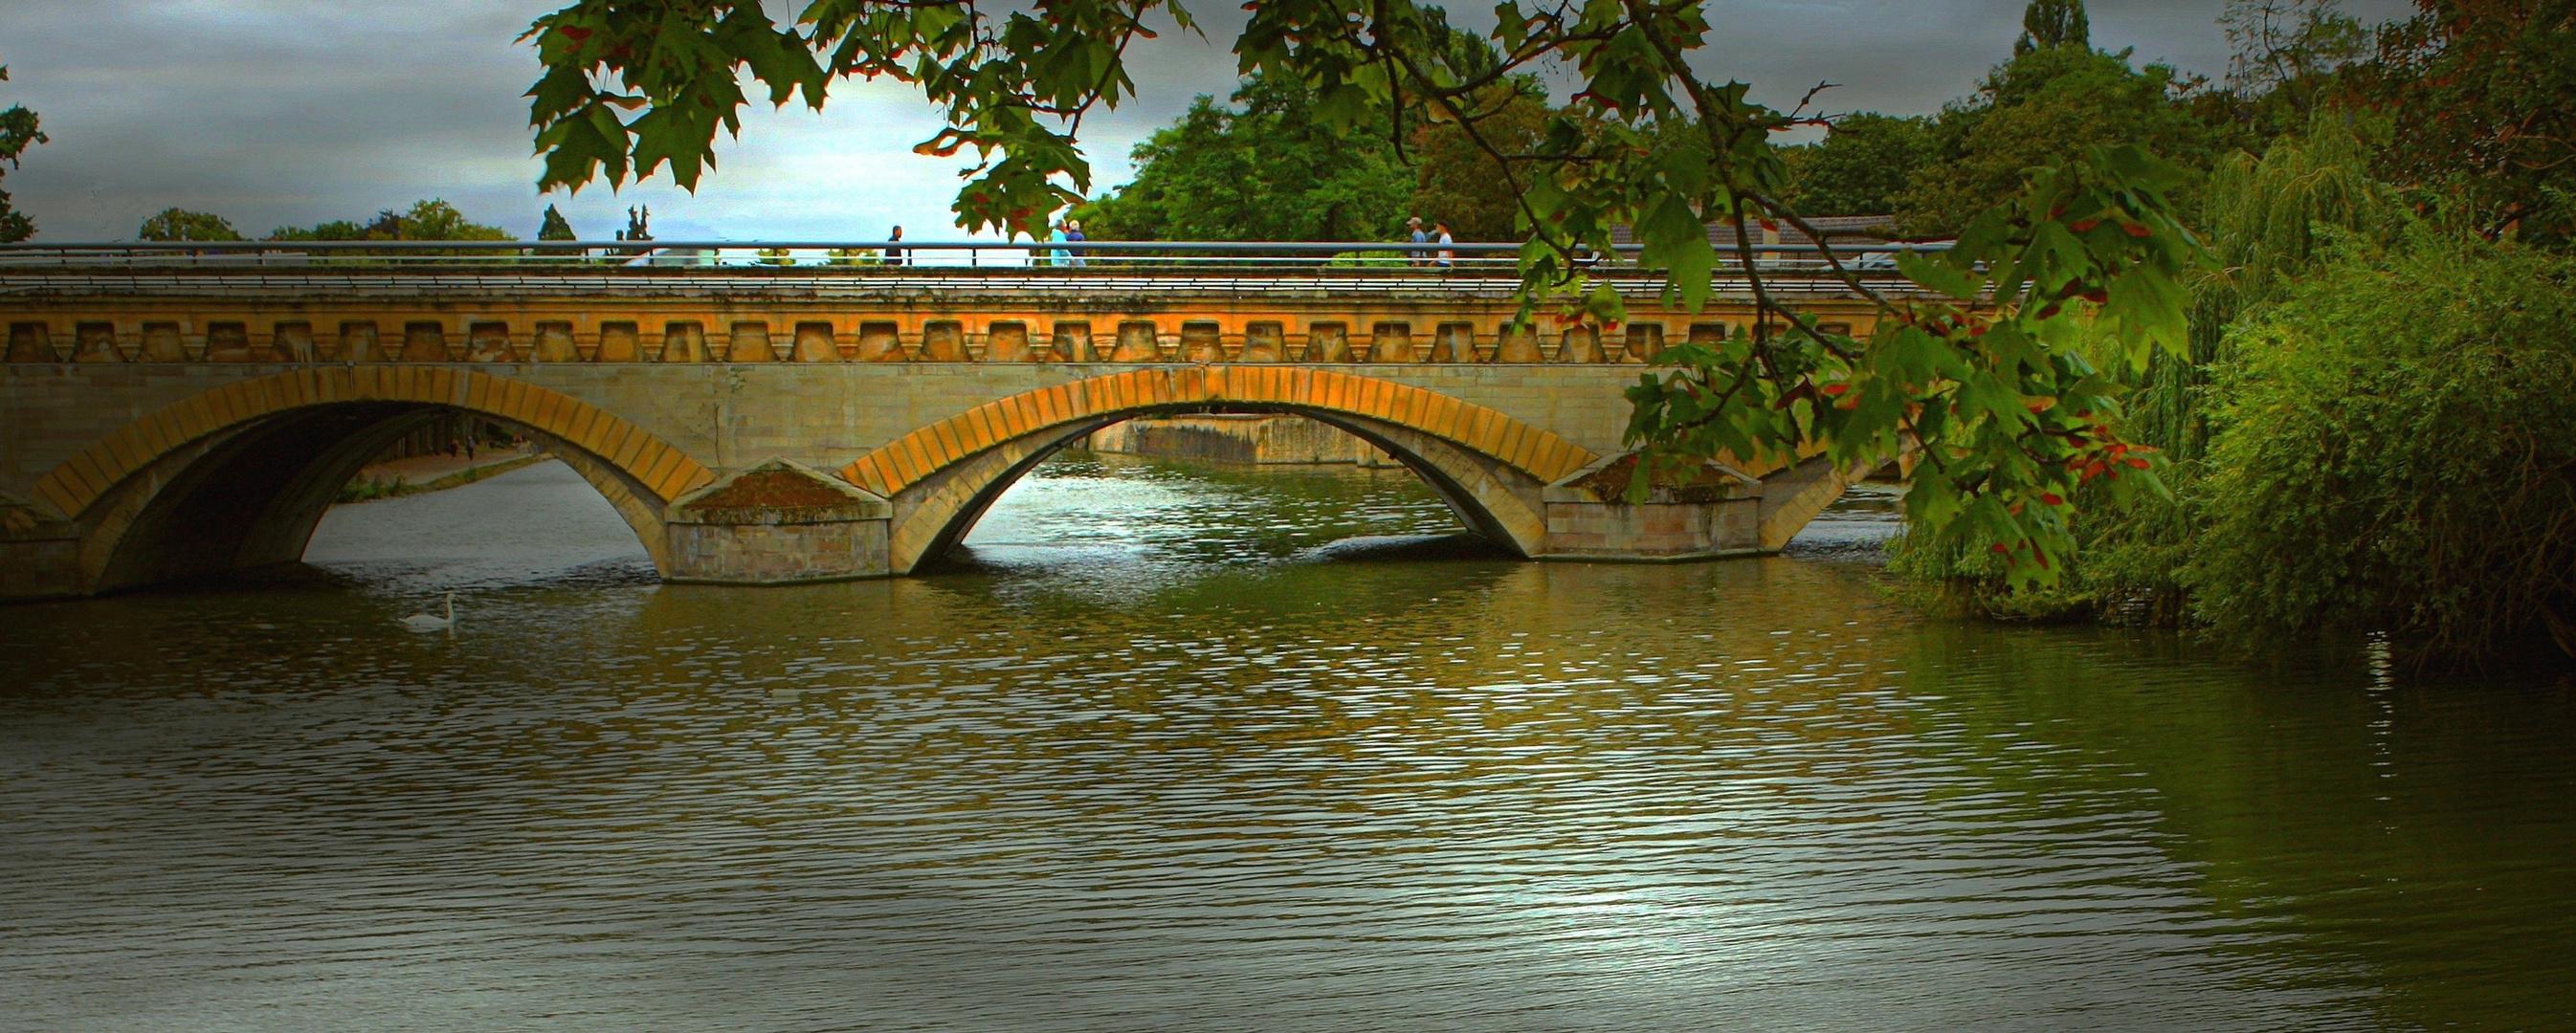 Pont sur la Moselle